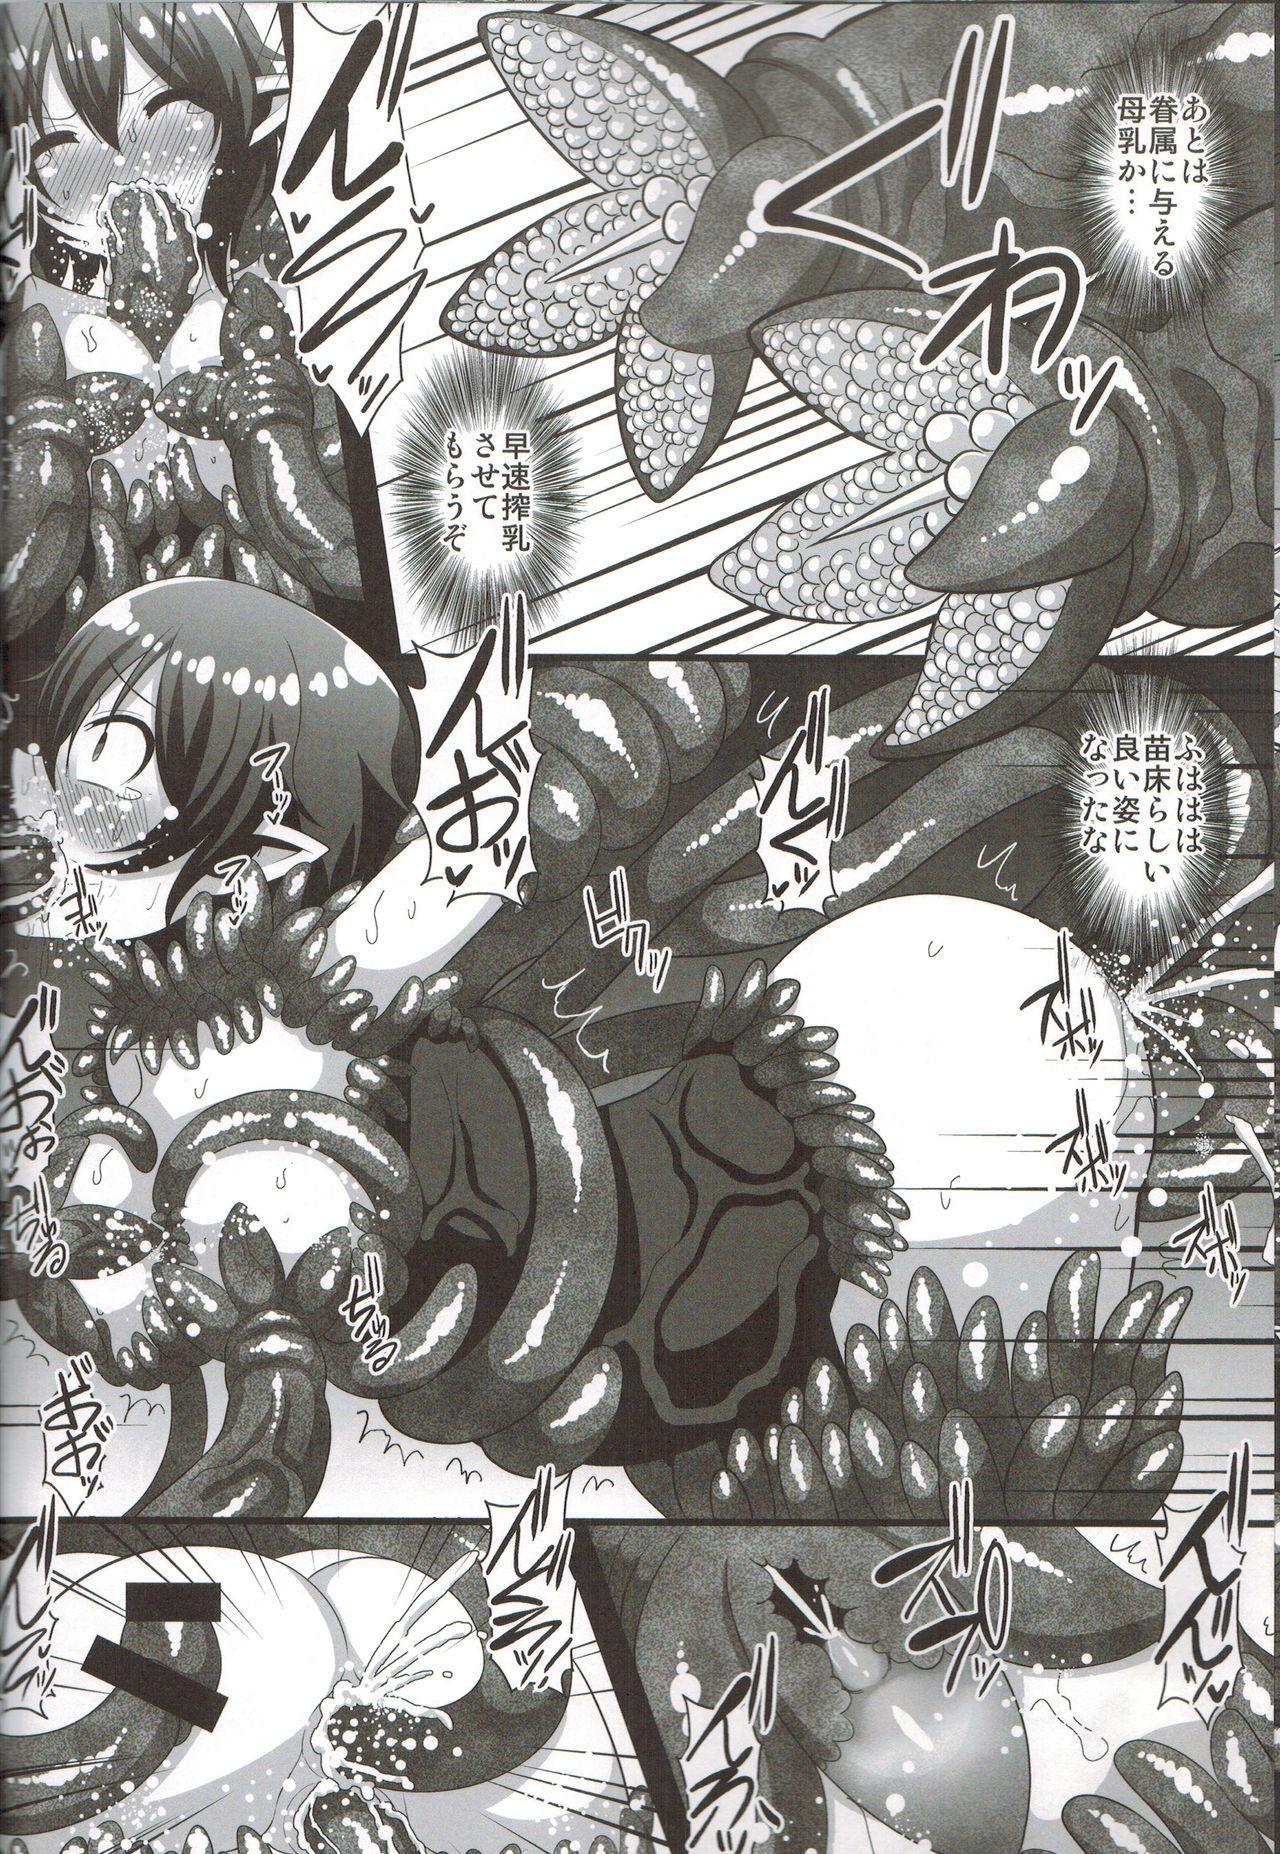 Shokushufuku de Mugen Zecchou 13